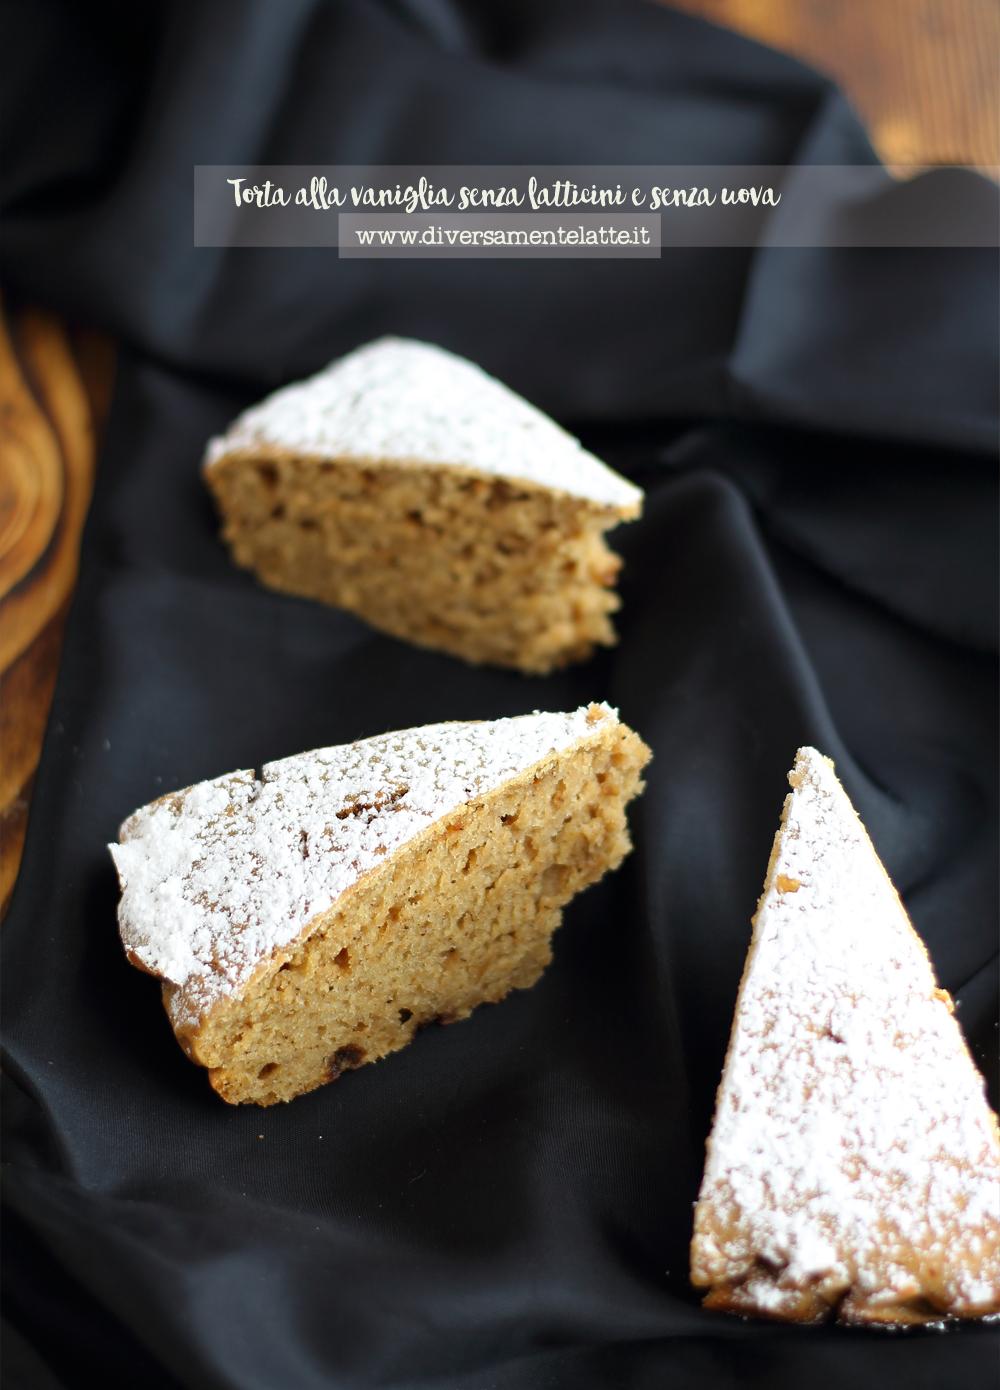 torta alla vaniglia senza lattosio